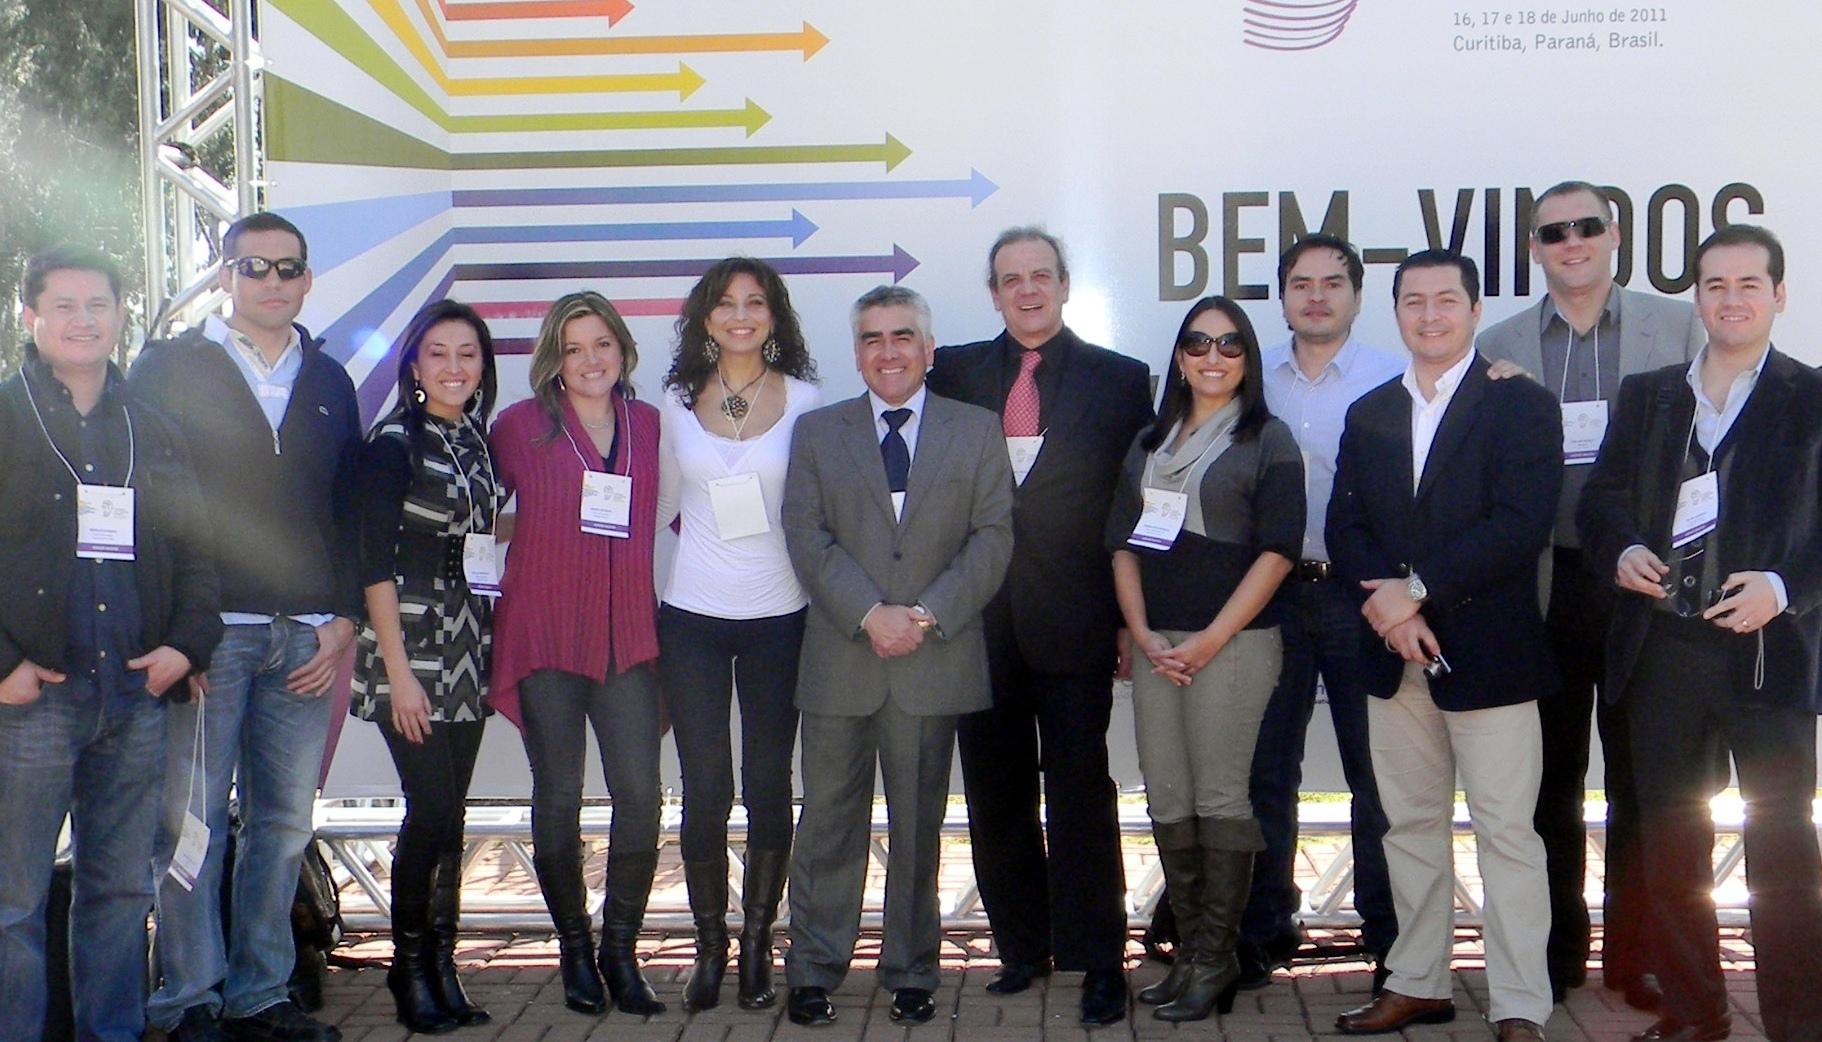 Facultad de Odontología Concepción establece importantes lazos con Universidades de Brasil y Colombia